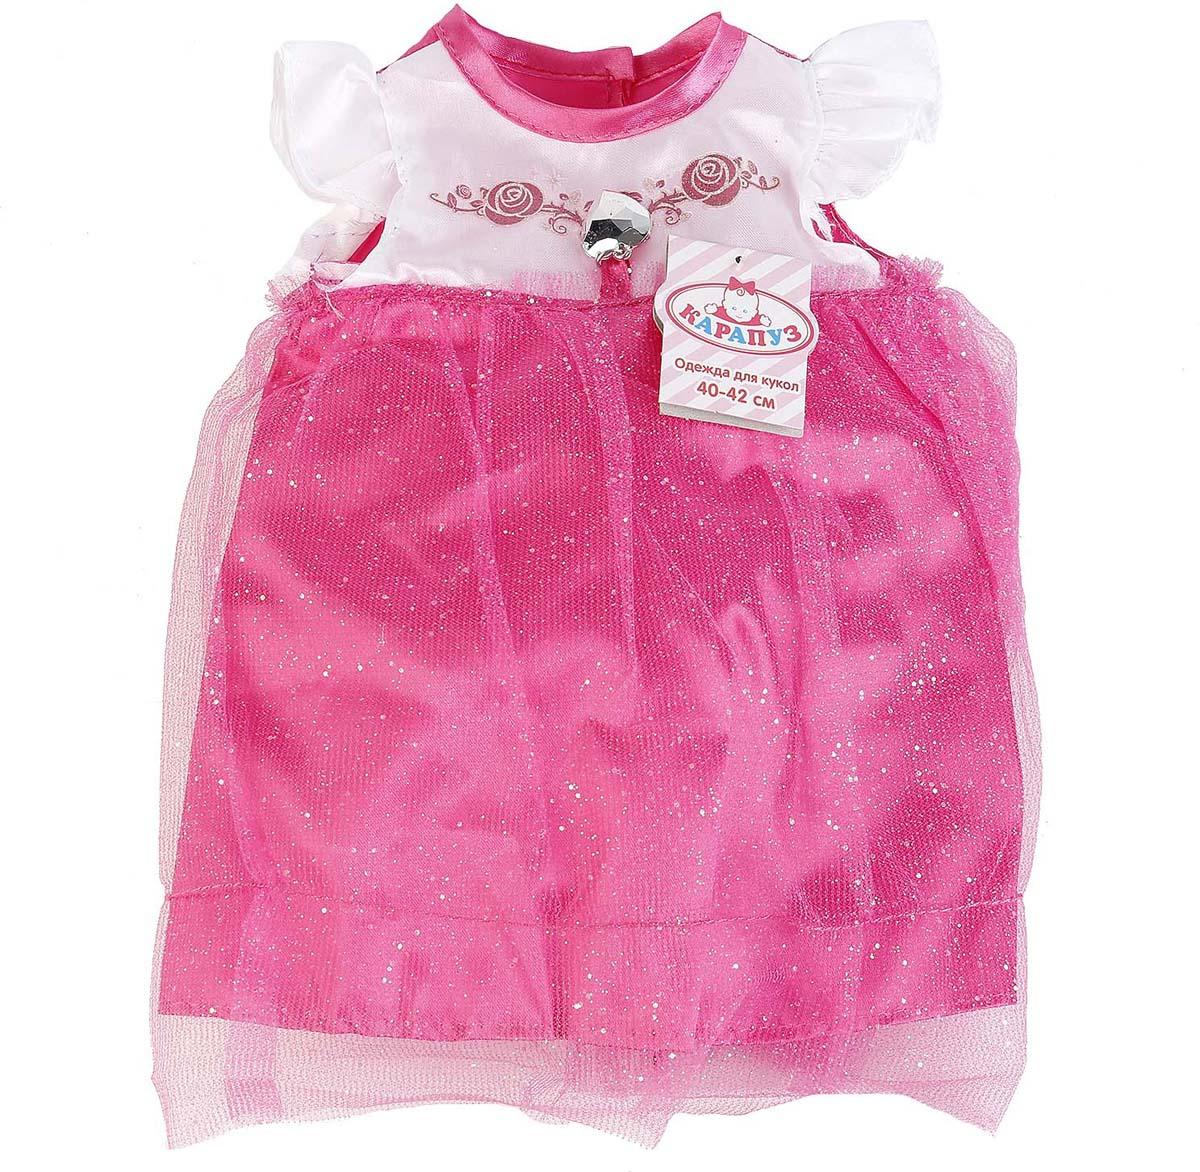 Карапуз Комплект одежды для кукол Платье цвет розовый белый куклы и одежда для кукол весна озвученная кукла саша 1 42 см